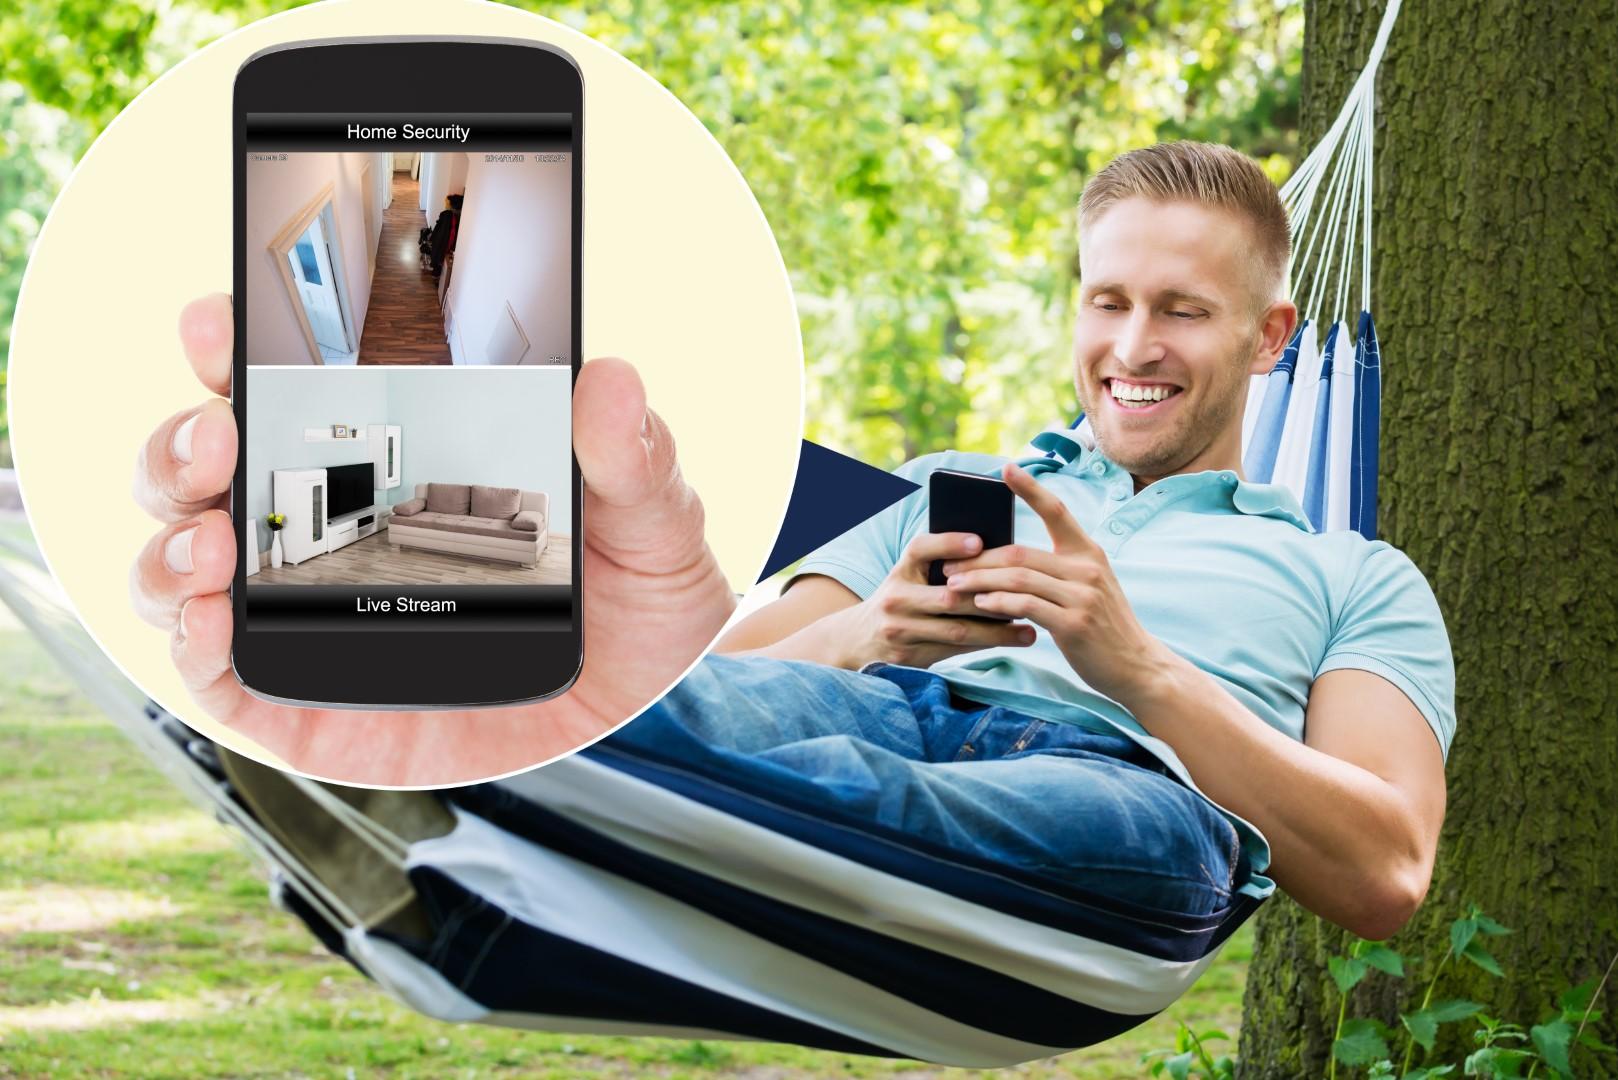 IP-Kamera von der Hängematte aus überprüfen - Mobile App für IP-Kamera